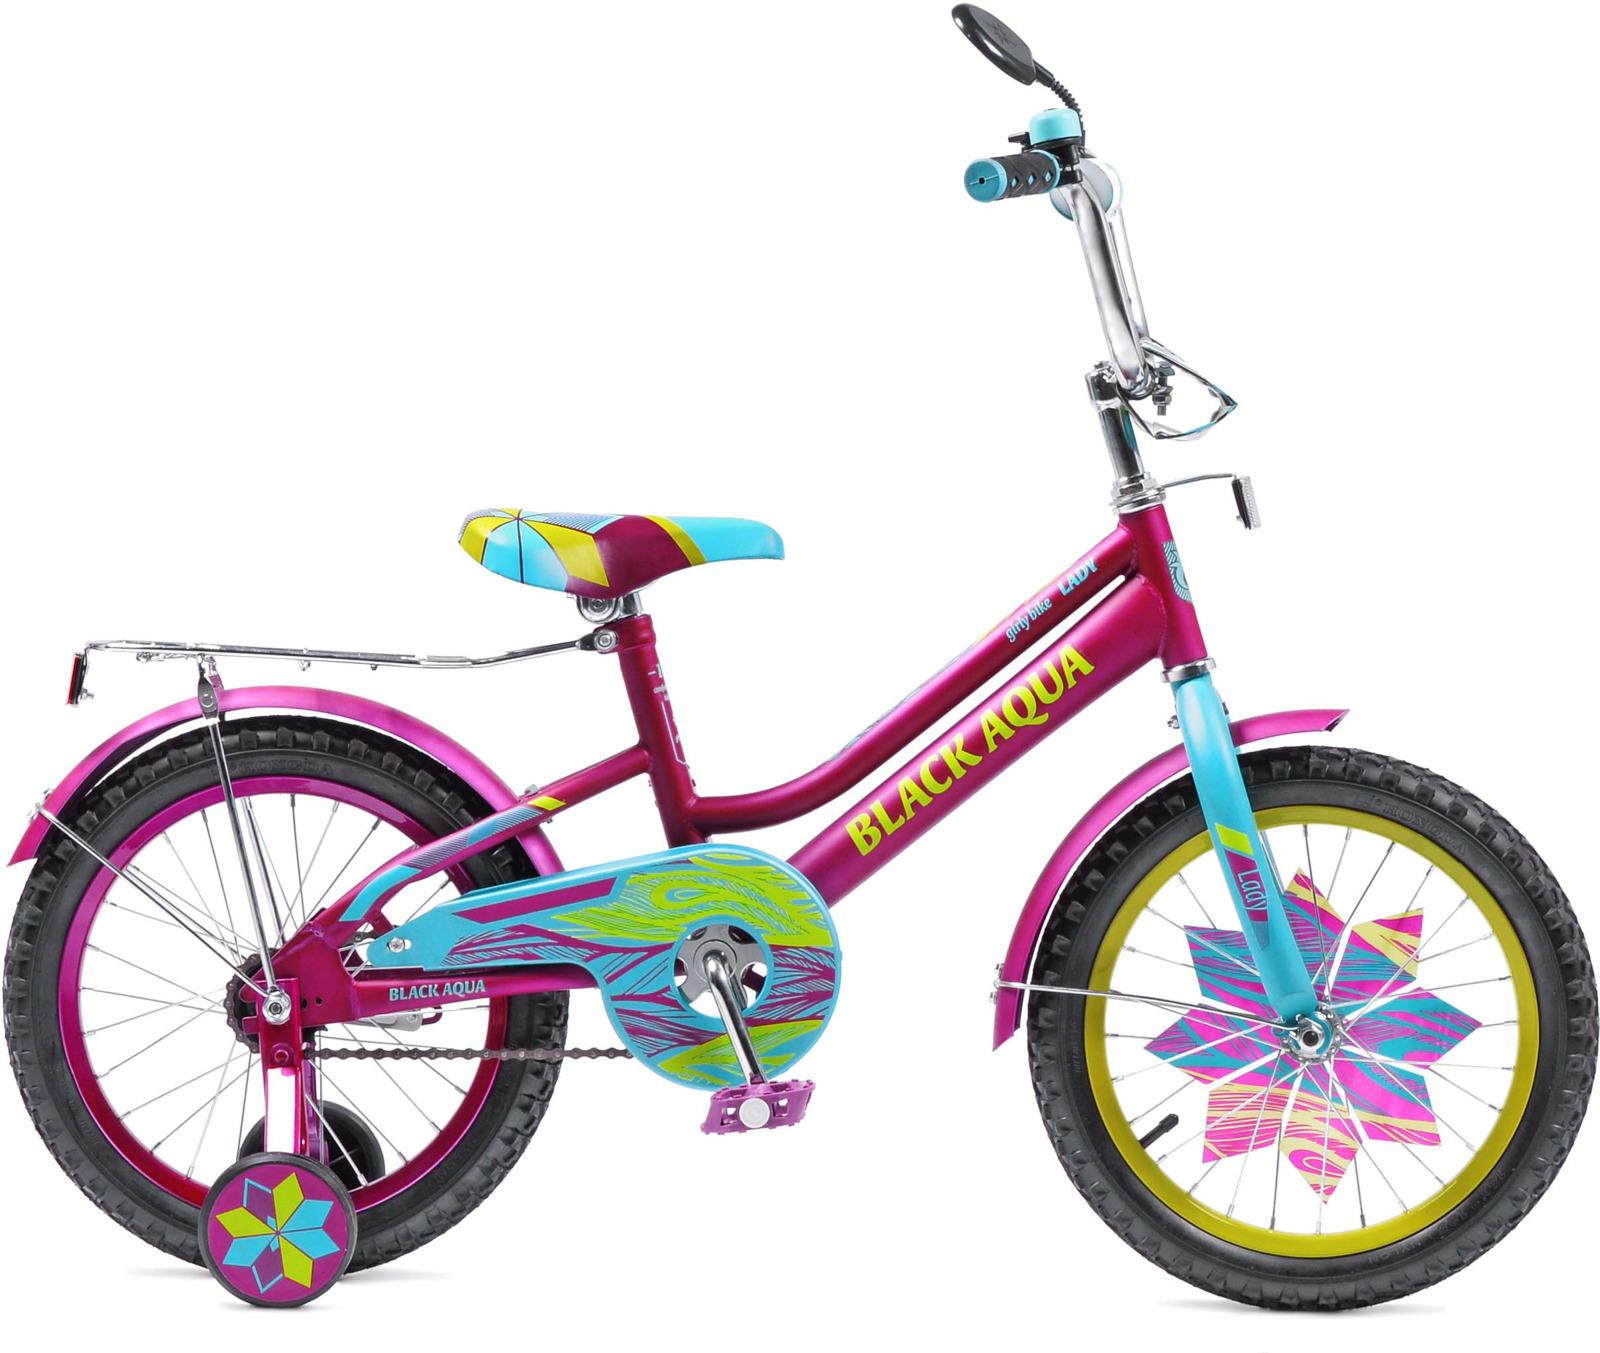 Фото - Велосипед детский Black Aqua Lady, KG1215, колесо 12, фиолетовый, бирюзовый боди детский luvable friends 60325 f бирюзовый р 55 61